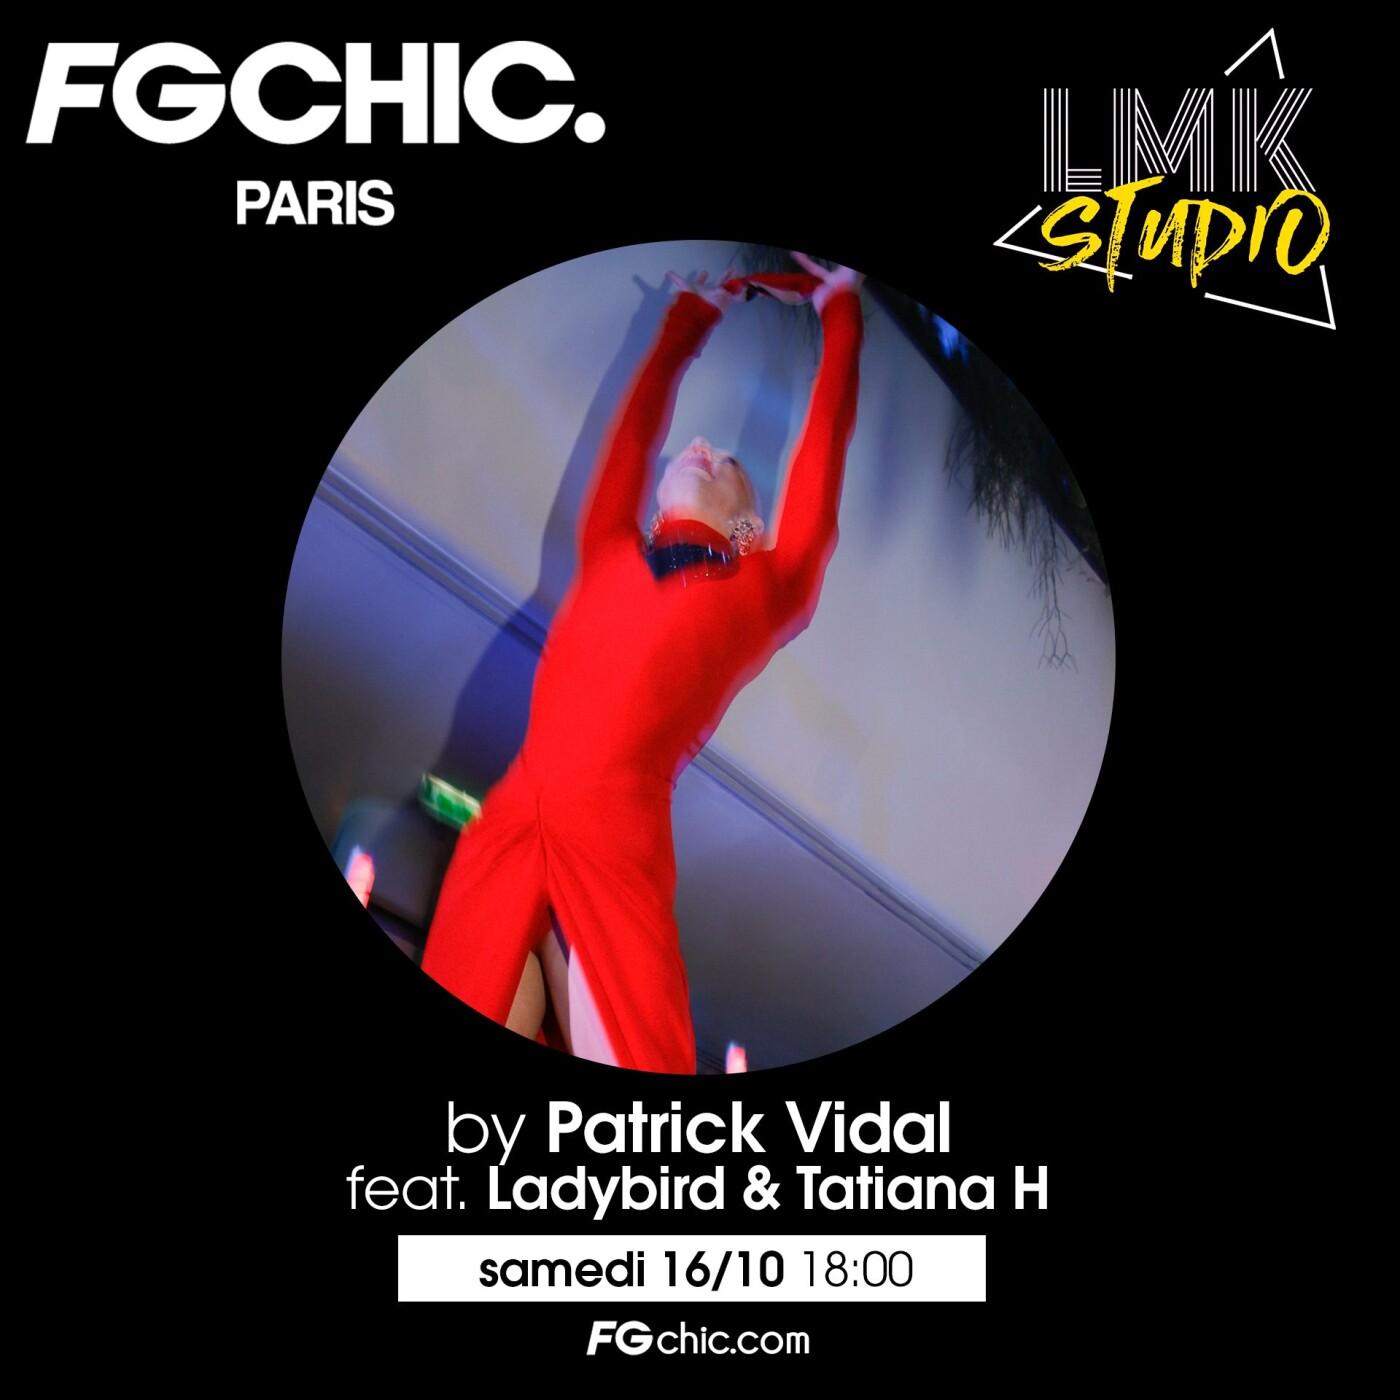 LMK STUDIO AVEC PATRICK VIDAL DU 16 octobre 2021